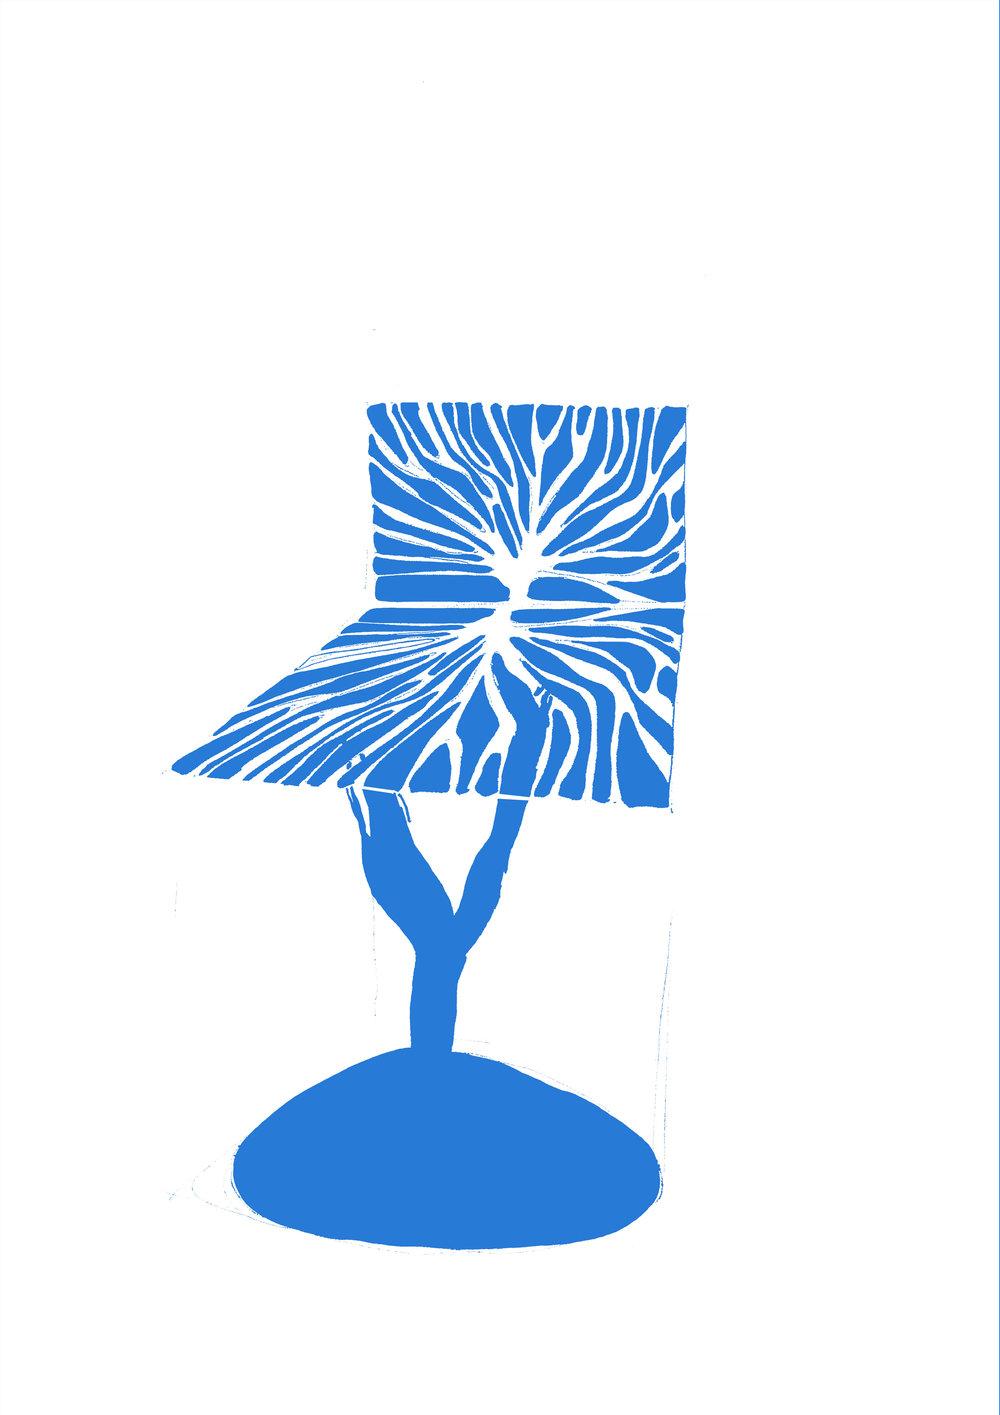 stoel_ontwerp.jpg